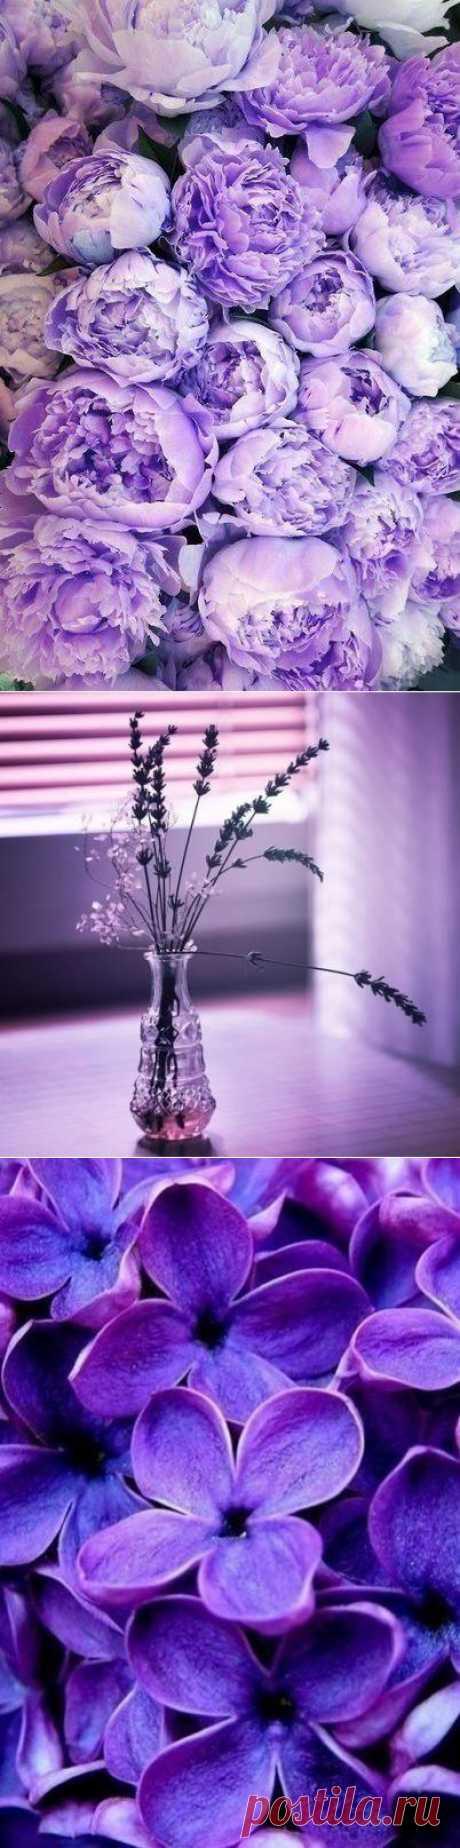 Больше фиолетового!!!:)